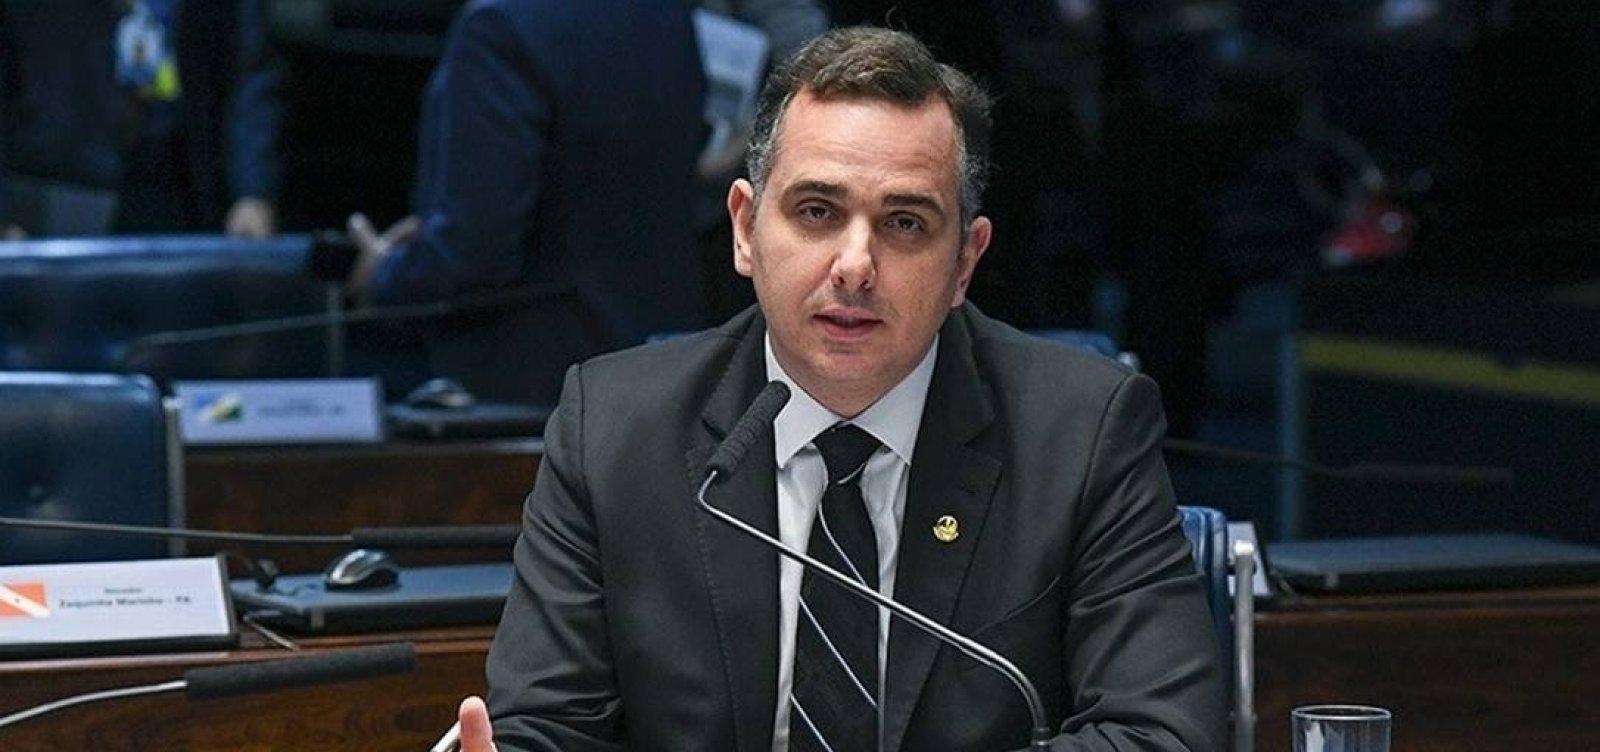 Após decisão de Barroso, Pacheco instala CPI da Covid-19, mas a avalia como 'inapropriada'